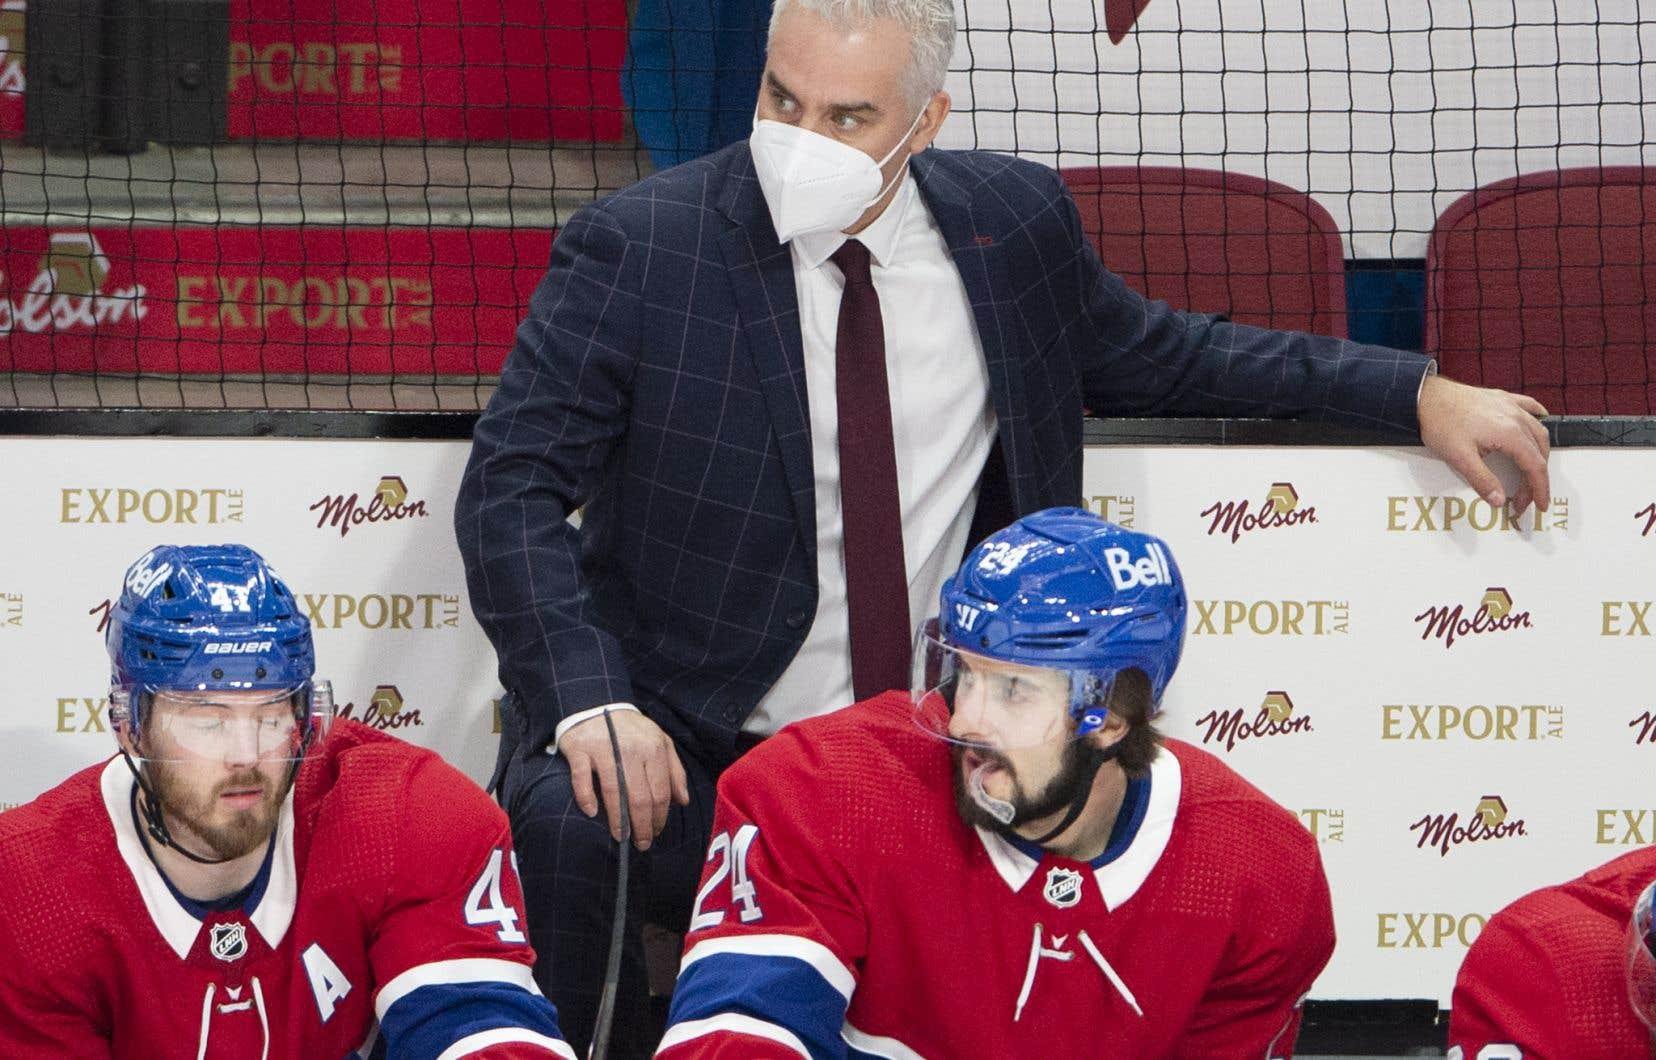 La troupe de Ducharme disputera ses six prochains matchs à l'étranger, avec des séries de deux rencontres face aux Canucks, aux Flames de Calgary et aux Jets.